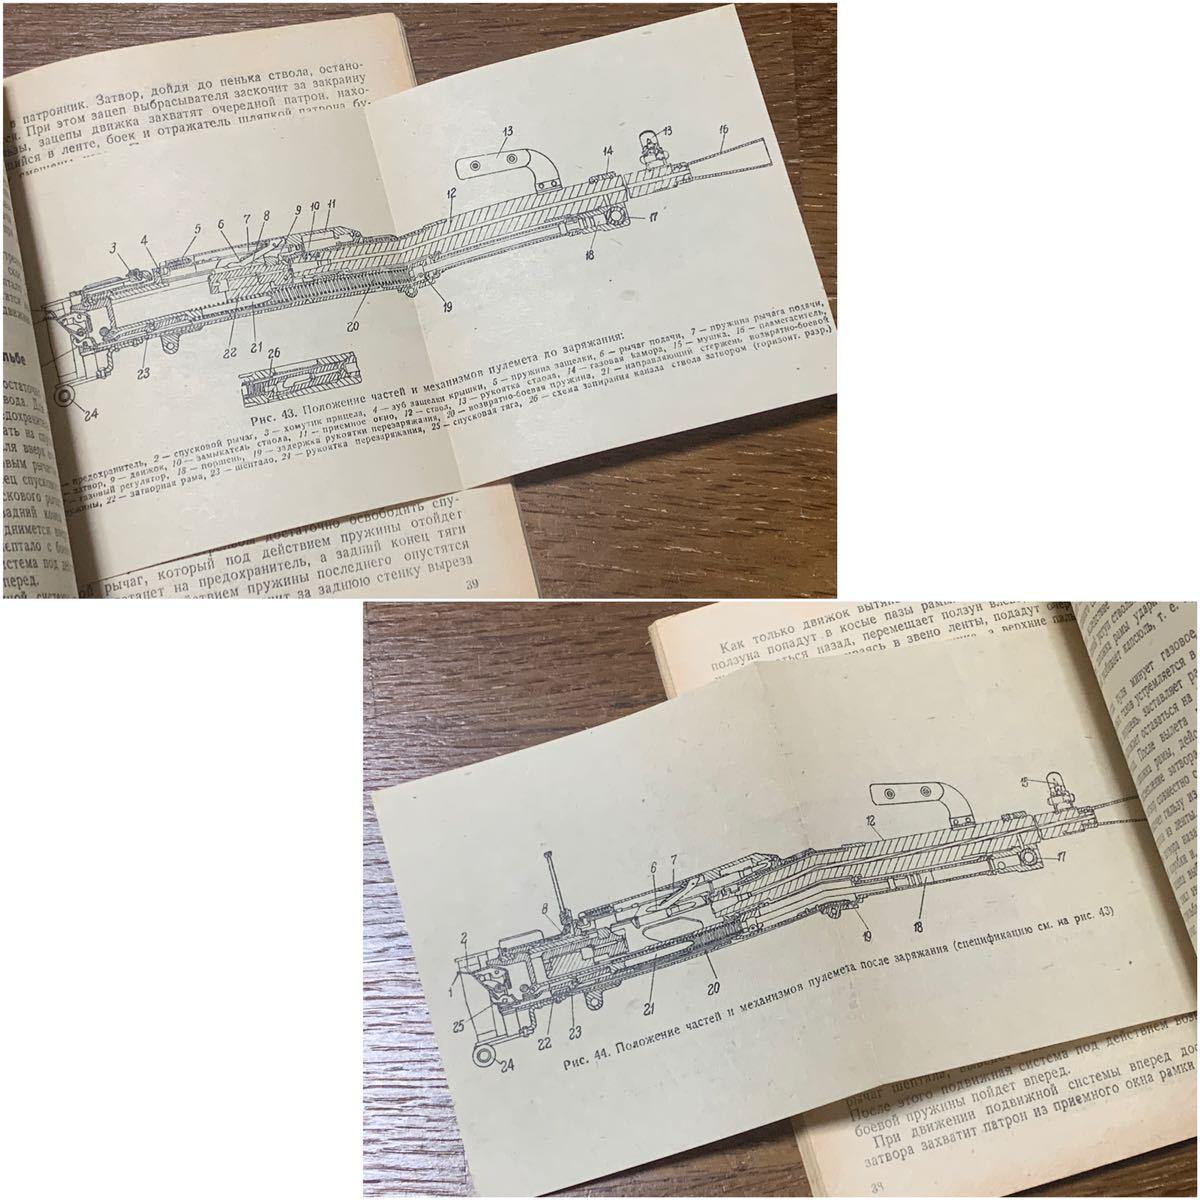 珍品 ソビエト軍 SG-43 重機関銃 整備 運用 マニュアル 教本 44年刊行 WW2 労農赤軍 KA RKKA ソ連軍 グリオノフ ゴリュノフ_画像5